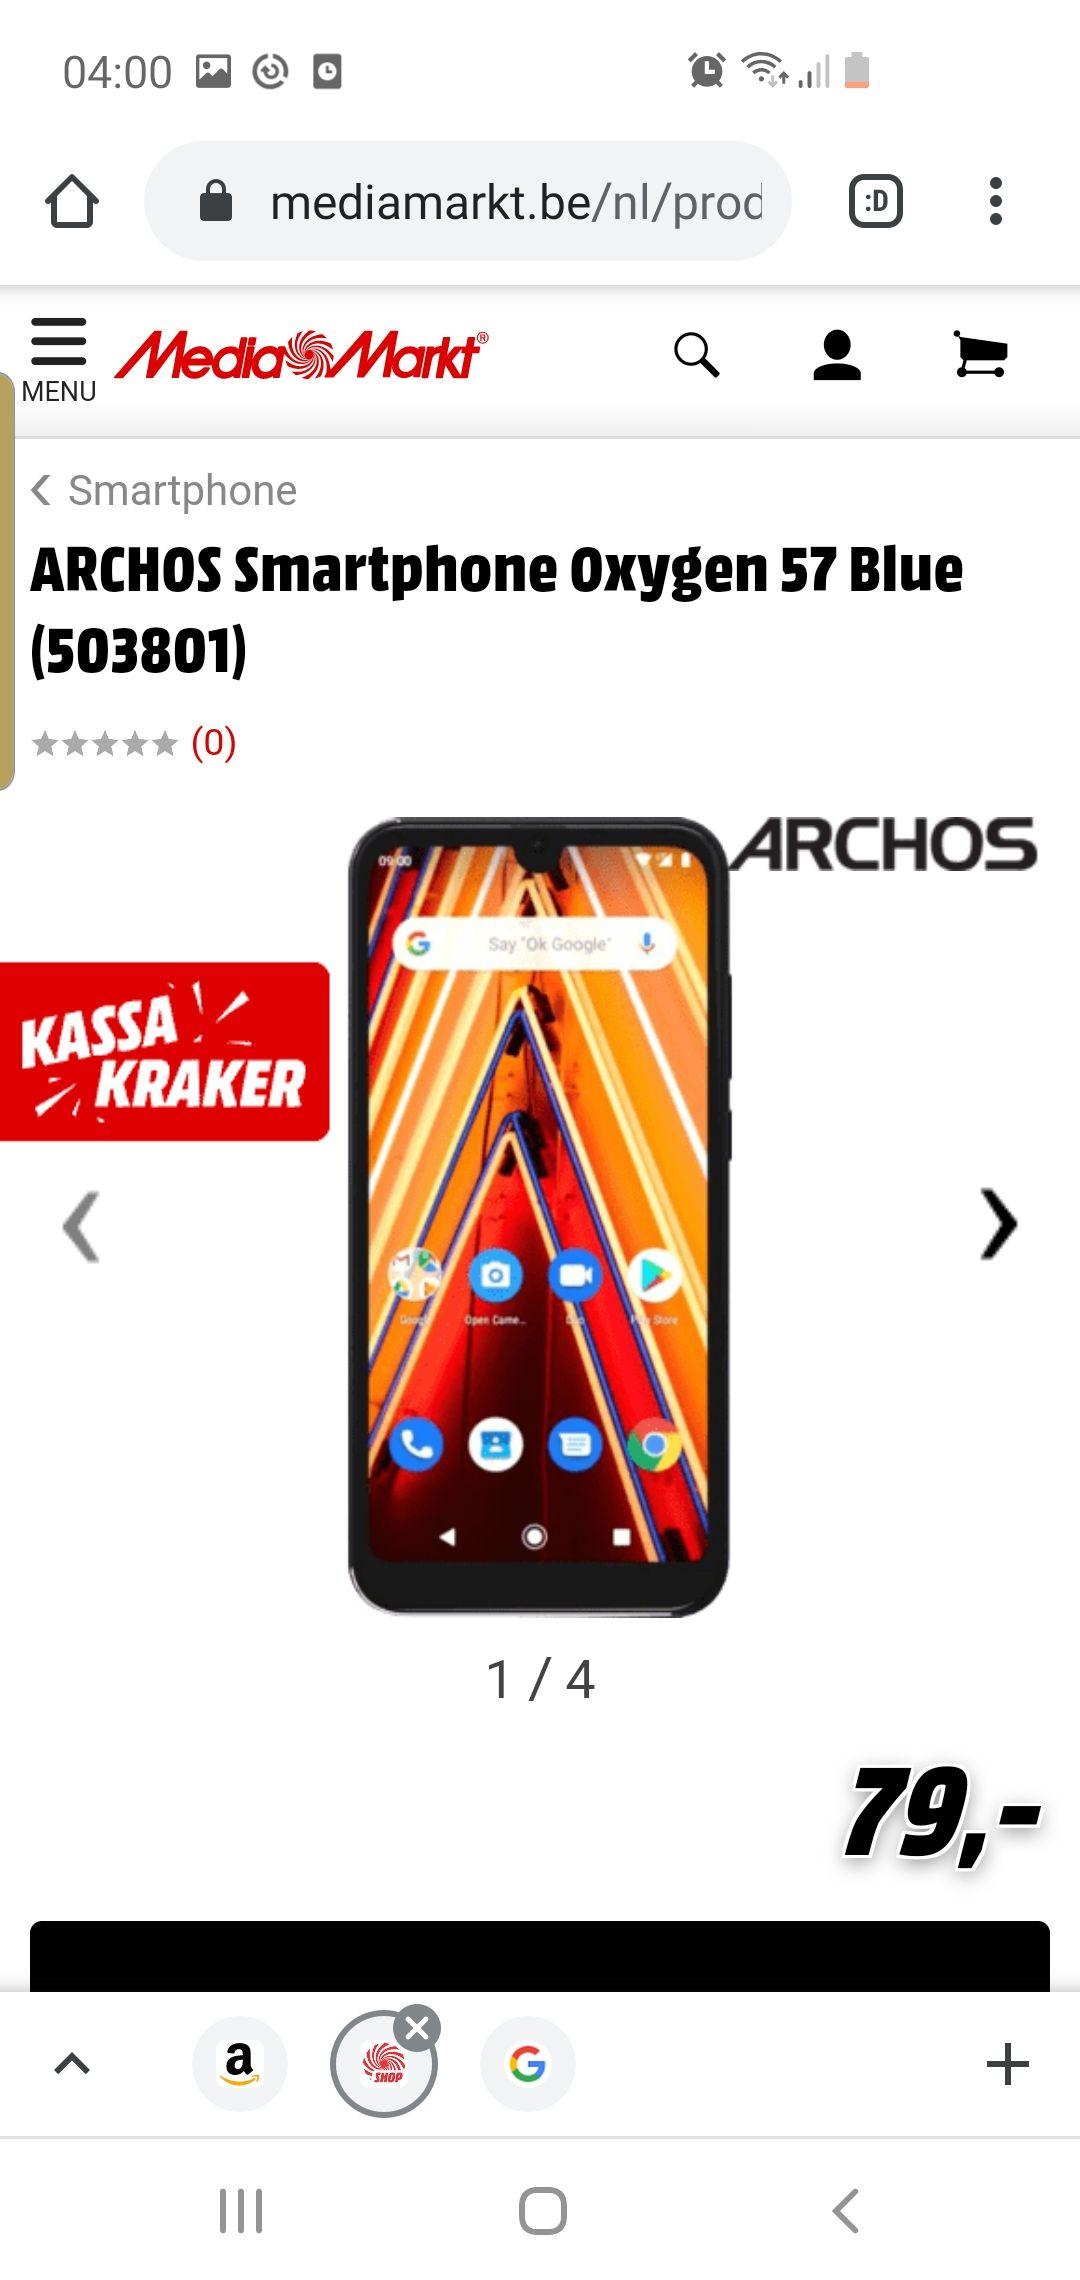 Grensdeal Belgie Archos Smartphone oxygen 57 blue 503801